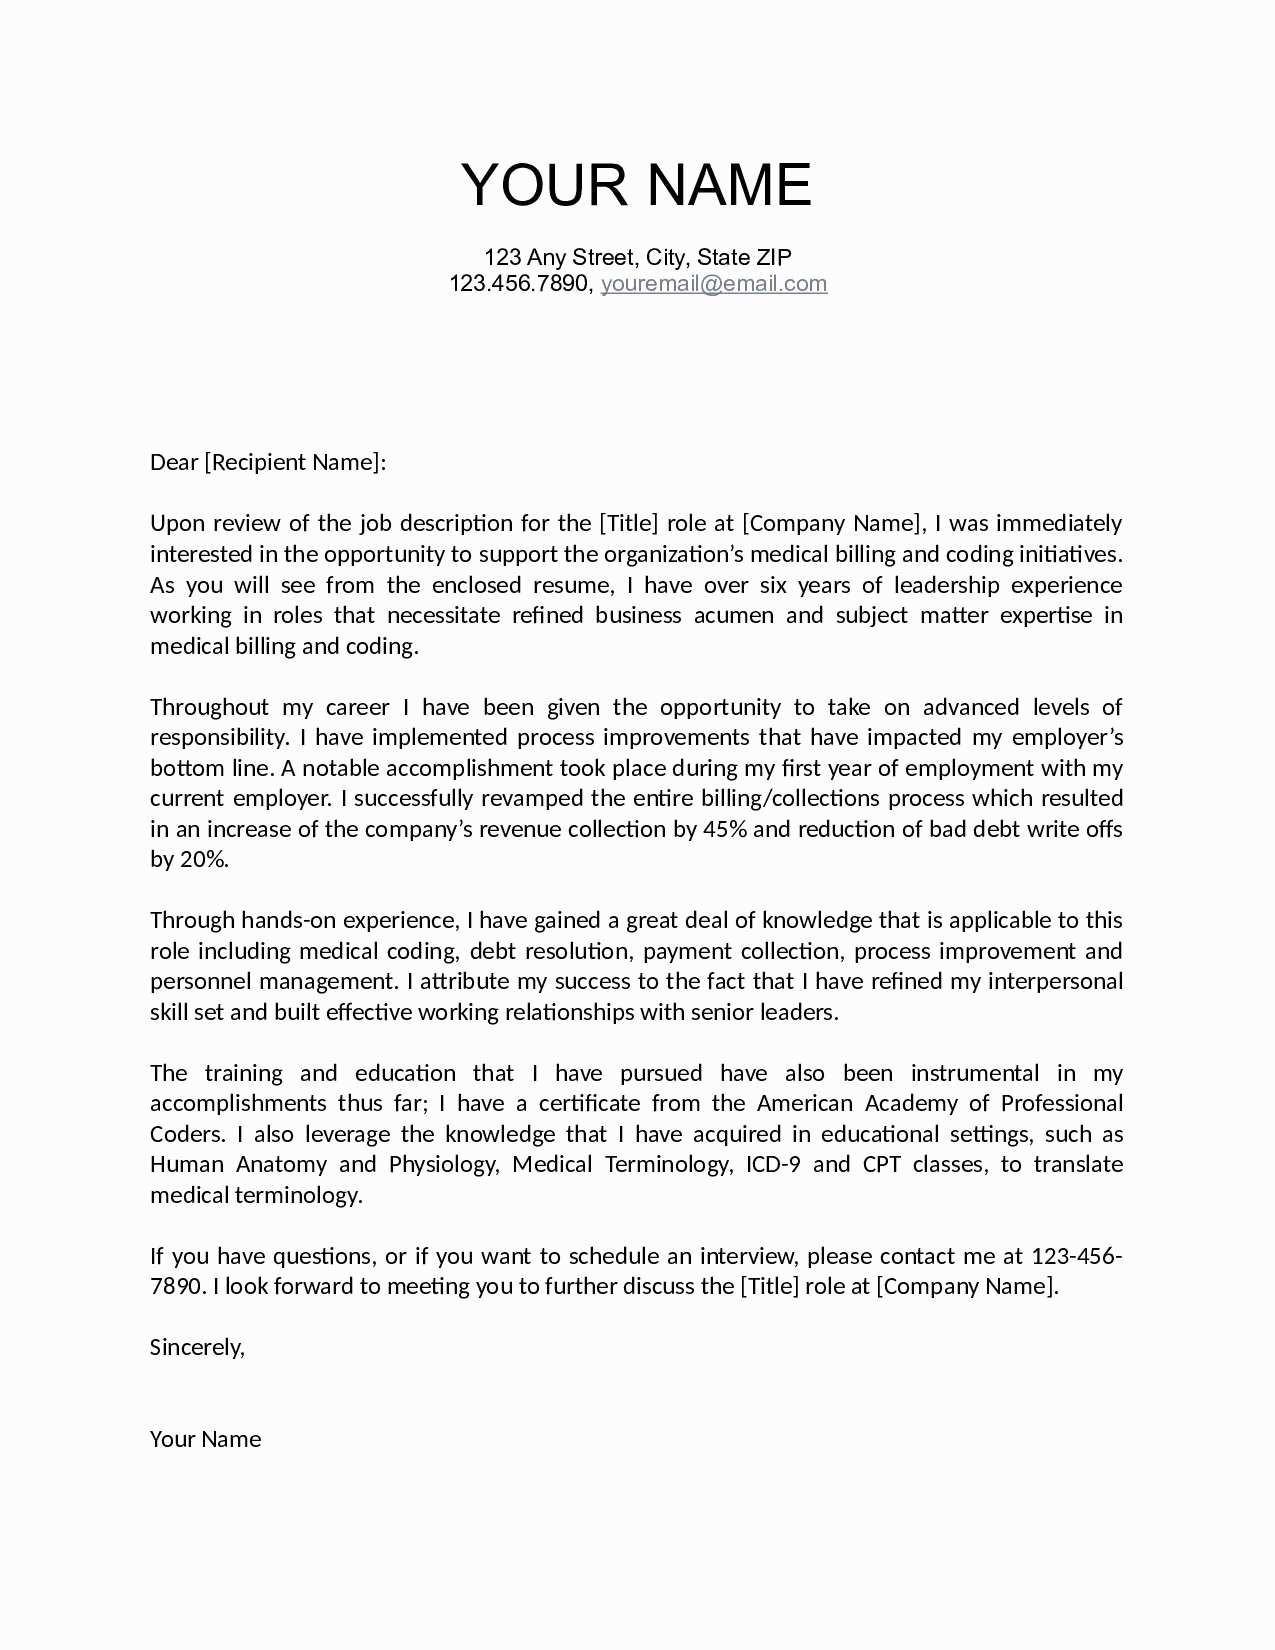 Spousal Support Letter Template - Sample Cover Letter for Job Resume Valid Job Fer Letter Template Us